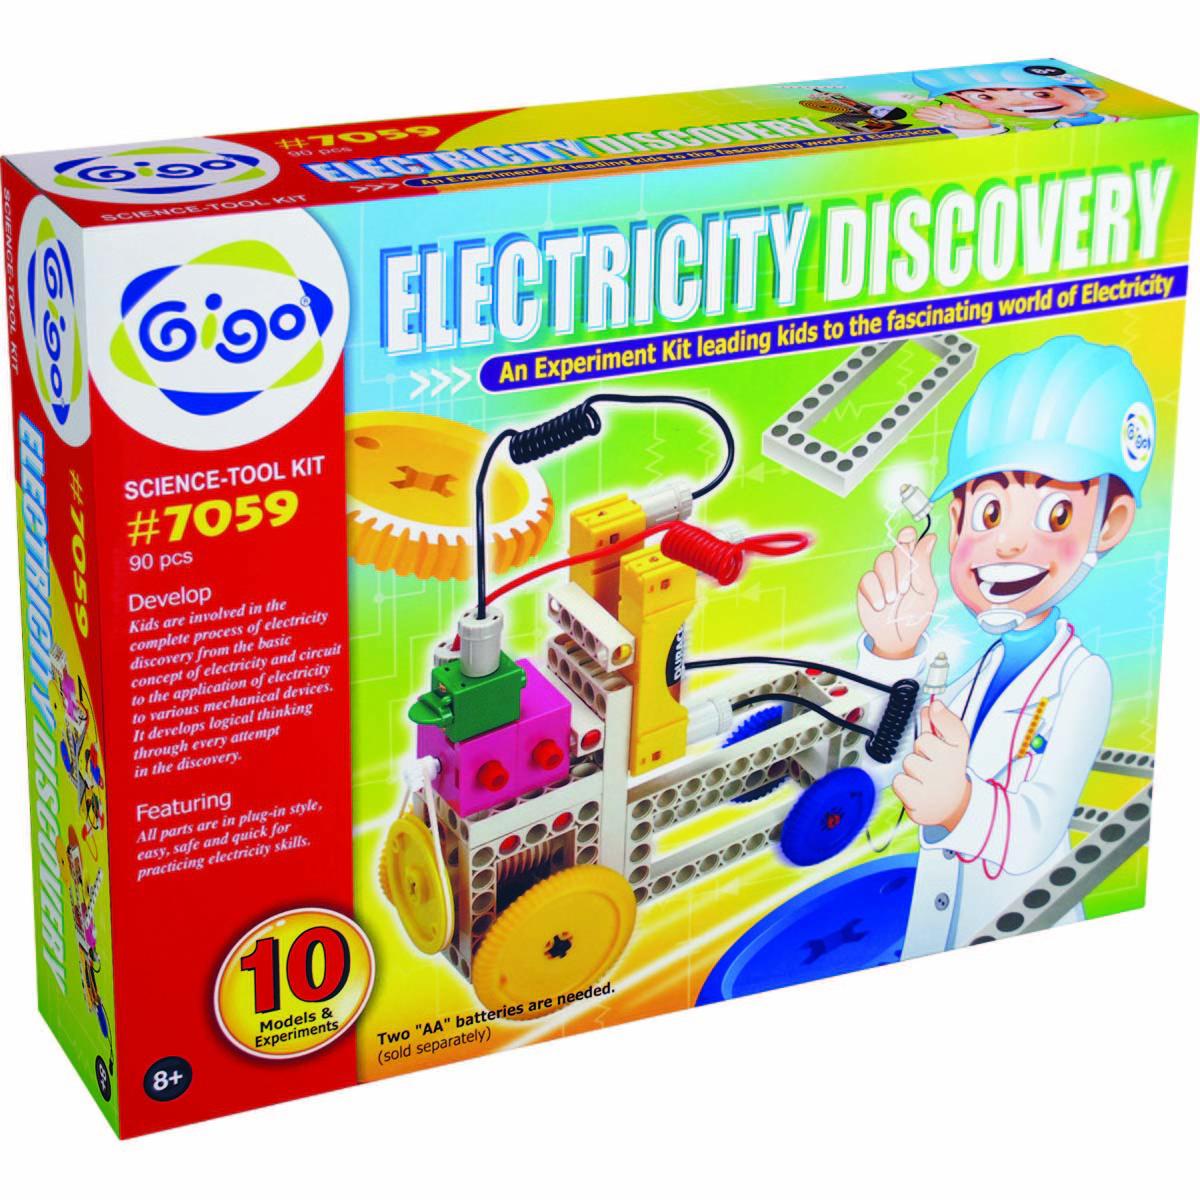 Gigo Конструктор Electricity discovery (Гиго. Электрическая энергия)7059Конструктор Gigo Electricity discovery (Гиго. Электрическая энергия) - это конструктор, все модели которого работают от электрической энергии. В наборе 90 деталей для 10 разных моделей. В инструкции пользователя пошаговые схемы сборки для каждой модели, полезная информация, исторические сведения и схемы проведения 8 экспериментов по электричеству. Конструктор развивает у детей фантазию, воображение и логику.